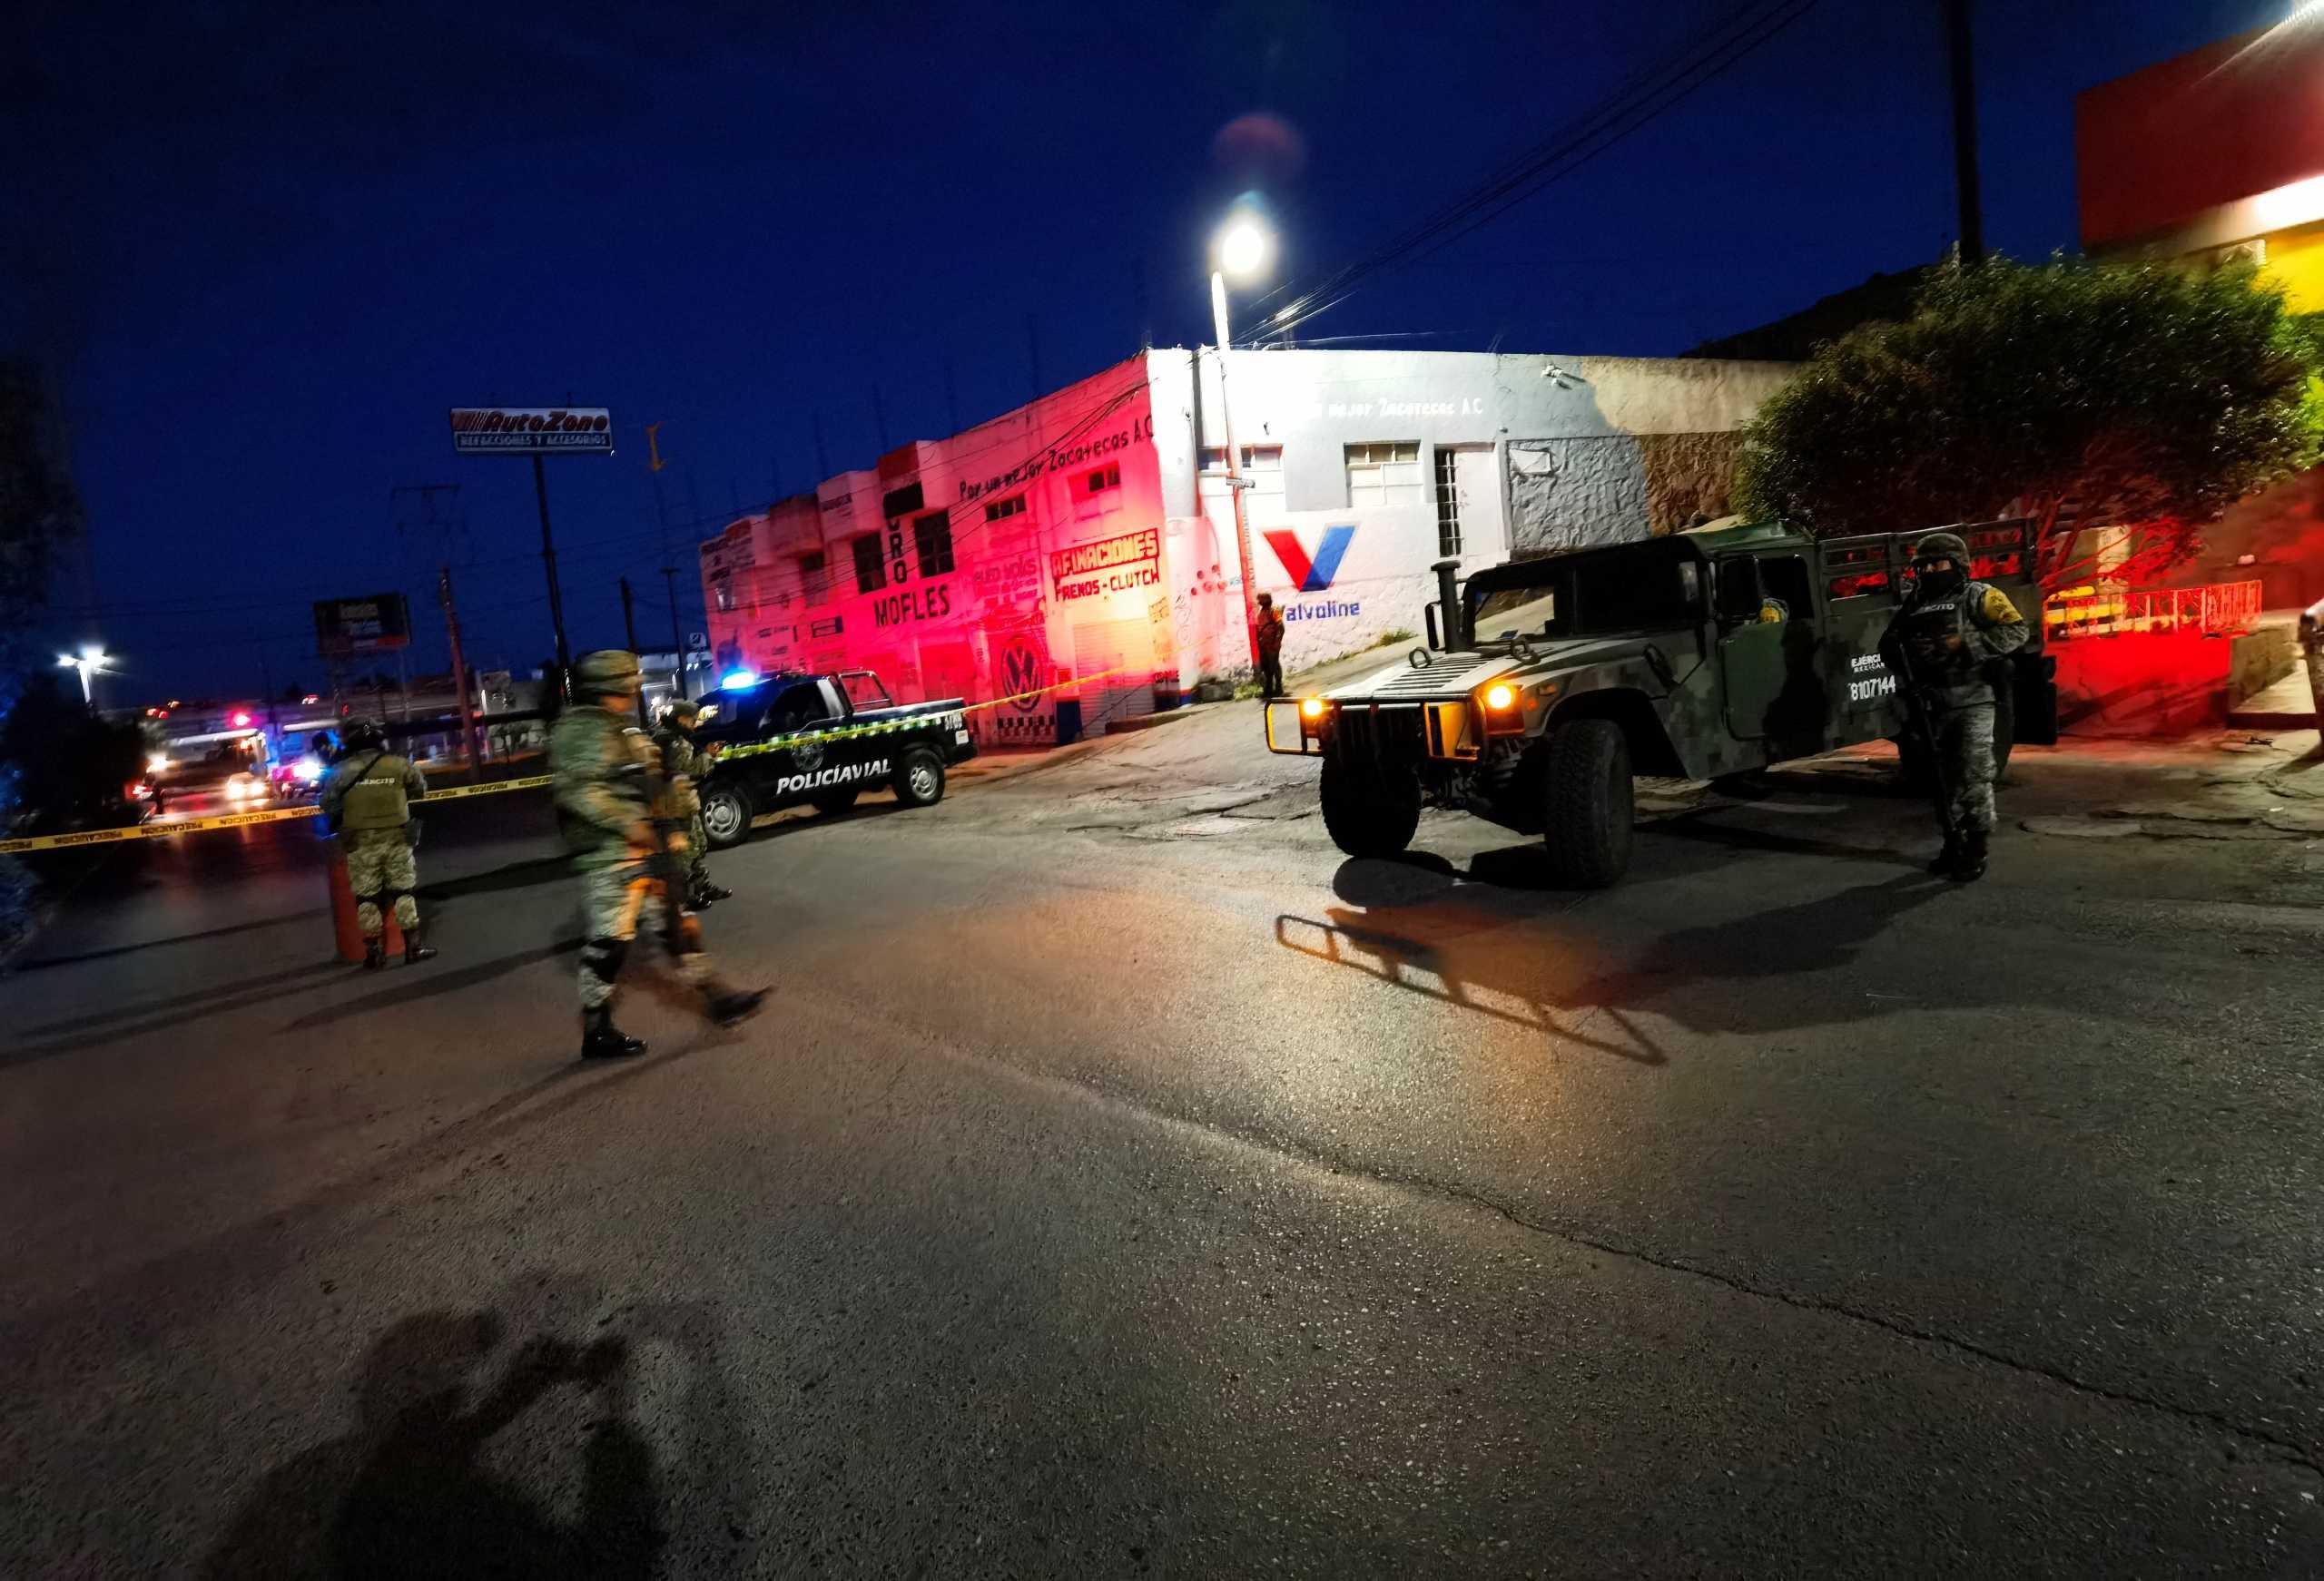 Μεξικό: Φρίκη στην Σακατέκας – 6 πτώματα βρέθηκαν κρεμασμένα σε γέφυρα – ΠΡΟΣΟΧΗ ΣΚΛΗΡΕΣ ΕΙΚΟΝΕΣ